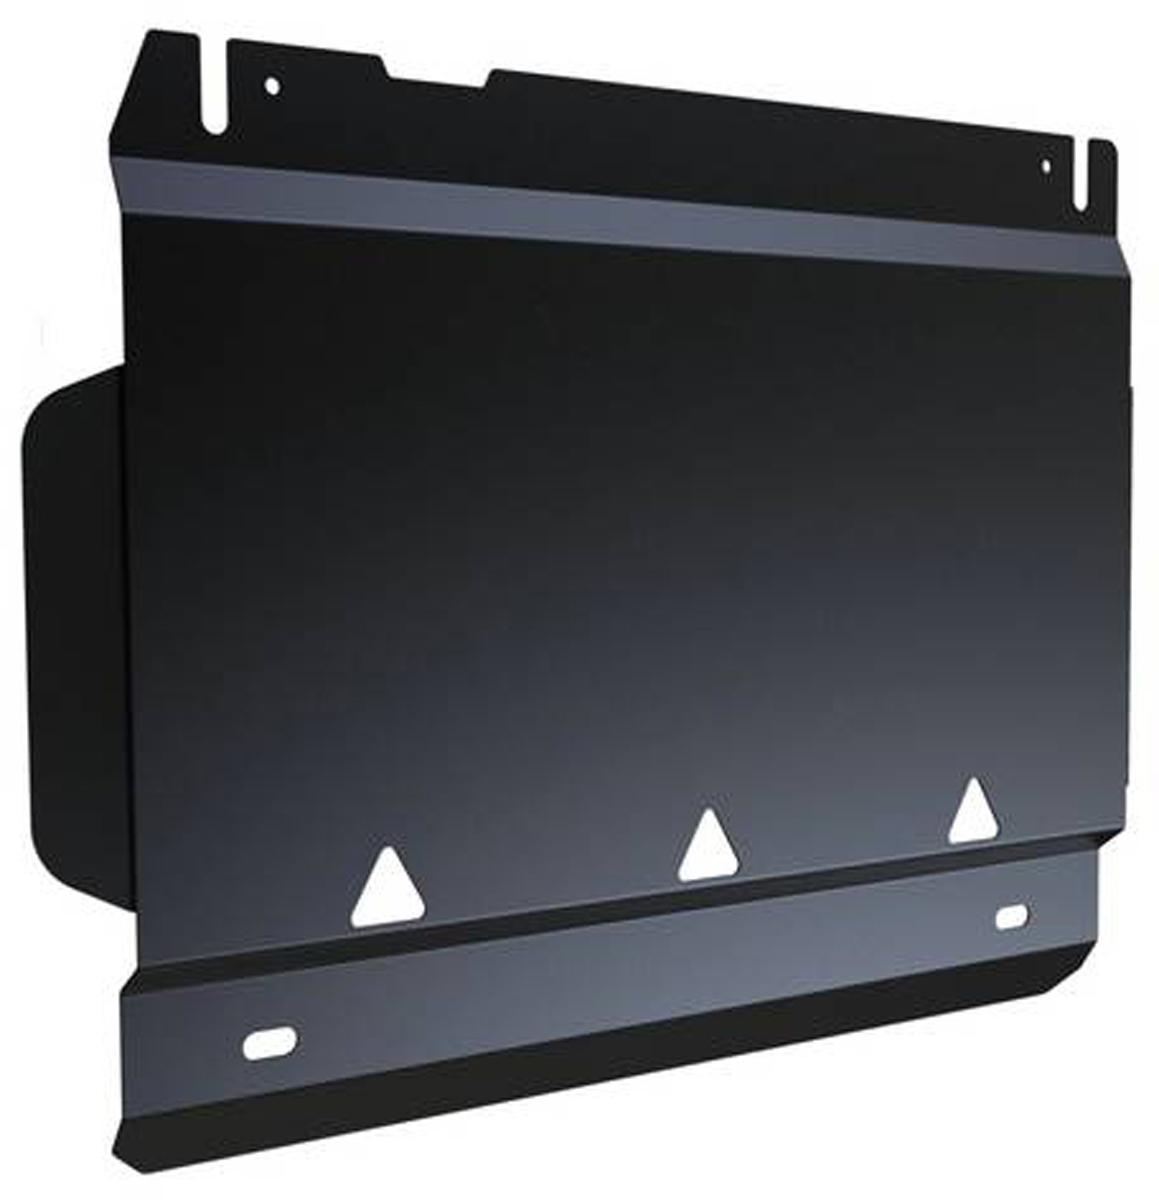 Защита РК Автоброня Ford Ranger 2012-, сталь 2 мм111.01832.1Защита РК Автоброня Ford Ranger, V - 2,2 2012-, сталь 2 мм, комплект крепежа, 111.01832.1 Дополнительно можно приобрести другие защитные элементы из комплекта: защита радиатора - 111.01829.1, защита картера - 111.01830.1, защита КПП - 111.01831.1Стальные защиты Автоброня надежно защищают ваш автомобиль от повреждений при наезде на бордюры, выступающие канализационные люки, кромки поврежденного асфальта или при ремонте дорог, не говоря уже о загородных дорогах. - Имеют оптимальное соотношение цена-качество. - Спроектированы с учетом особенностей автомобиля, что делает установку удобной. - Защита устанавливается в штатные места кузова автомобиля. - Является надежной защитой для важных элементов на протяжении долгих лет. - Глубокий штамп дополнительно усиливает конструкцию защиты. - Подштамповка в местах крепления защищает крепеж от срезания. - Технологические отверстия там, где они необходимы для смены масла и слива воды, оборудованные заглушками, закрепленными на защите. Толщина стали 2 мм. В комплекте крепеж и инструкция по установке.Уважаемые клиенты! Обращаем ваше внимание на тот факт, что защита имеет форму, соответствующую модели данного автомобиля. Наличие глубокого штампа и лючков для смены фильтров/масла предусмотрено не на всех защитах. Фото служит для визуального восприятия товара.